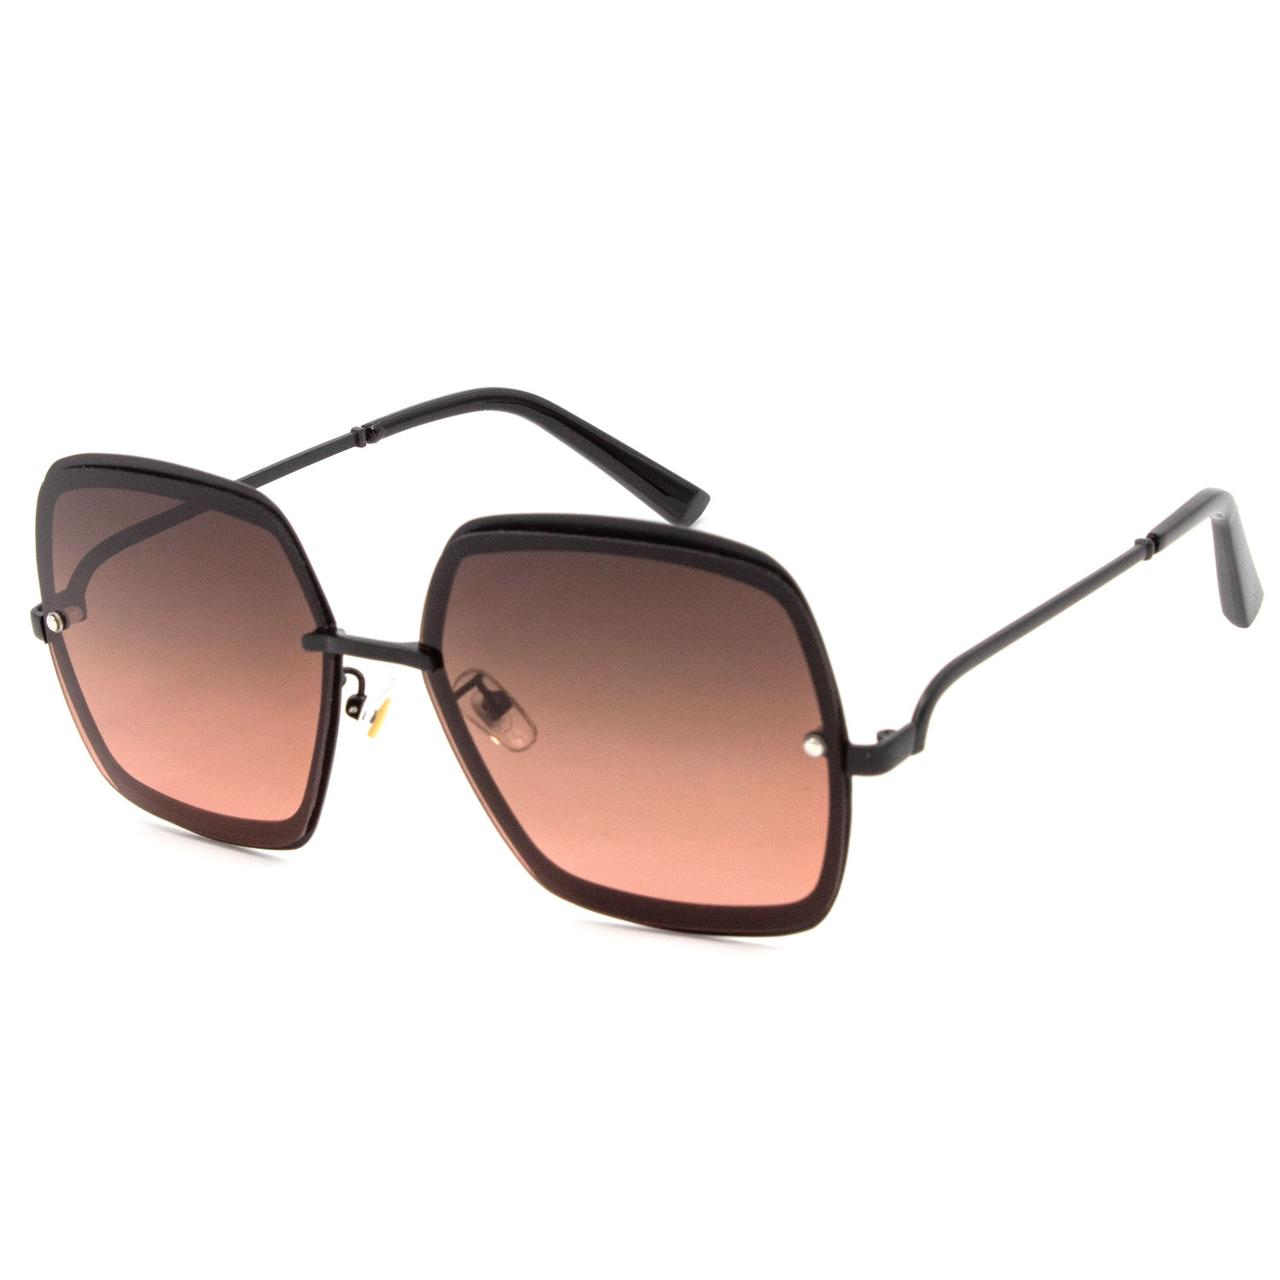 Солнцезащитные очки Marmilen Polar 6340 C2 коричневые    ( 6340-02 )